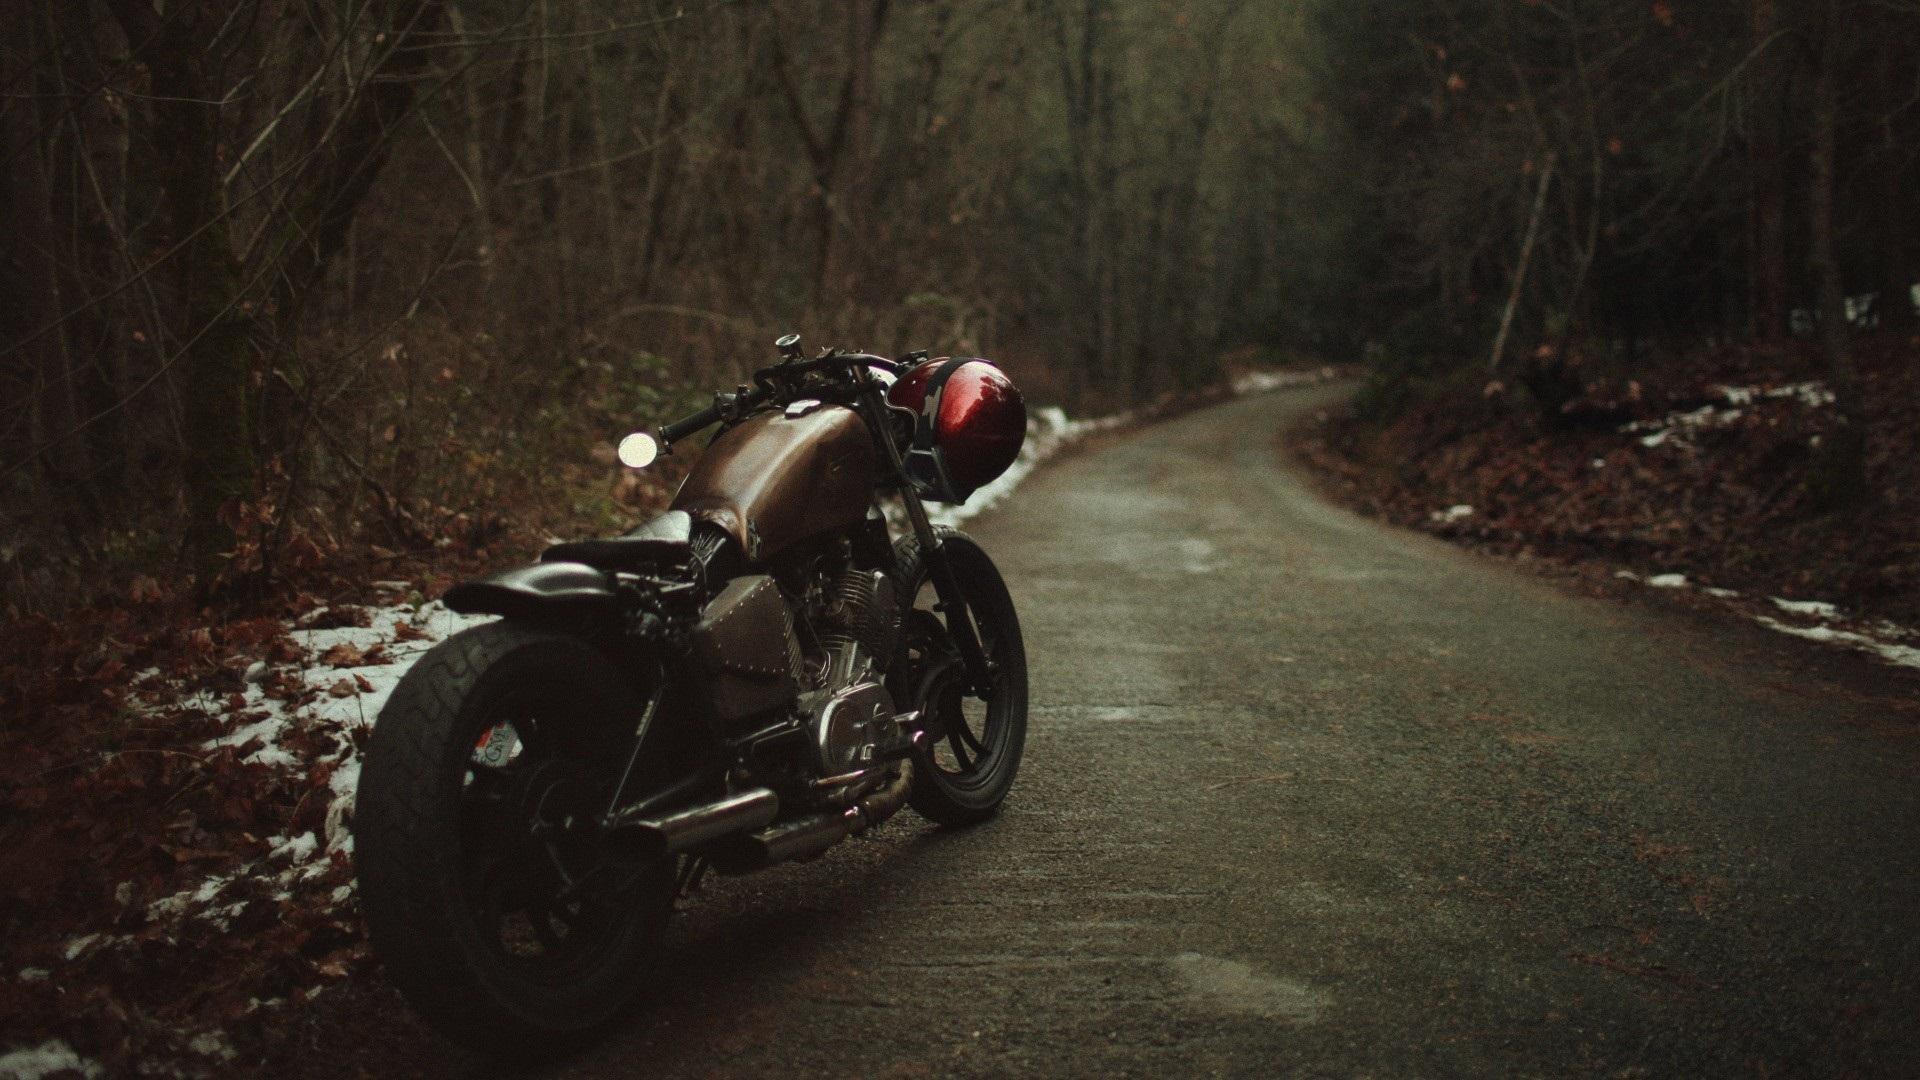 Fondos De Pantalla Bobber Moto 1920x1080 Full Hd 2k Imagen